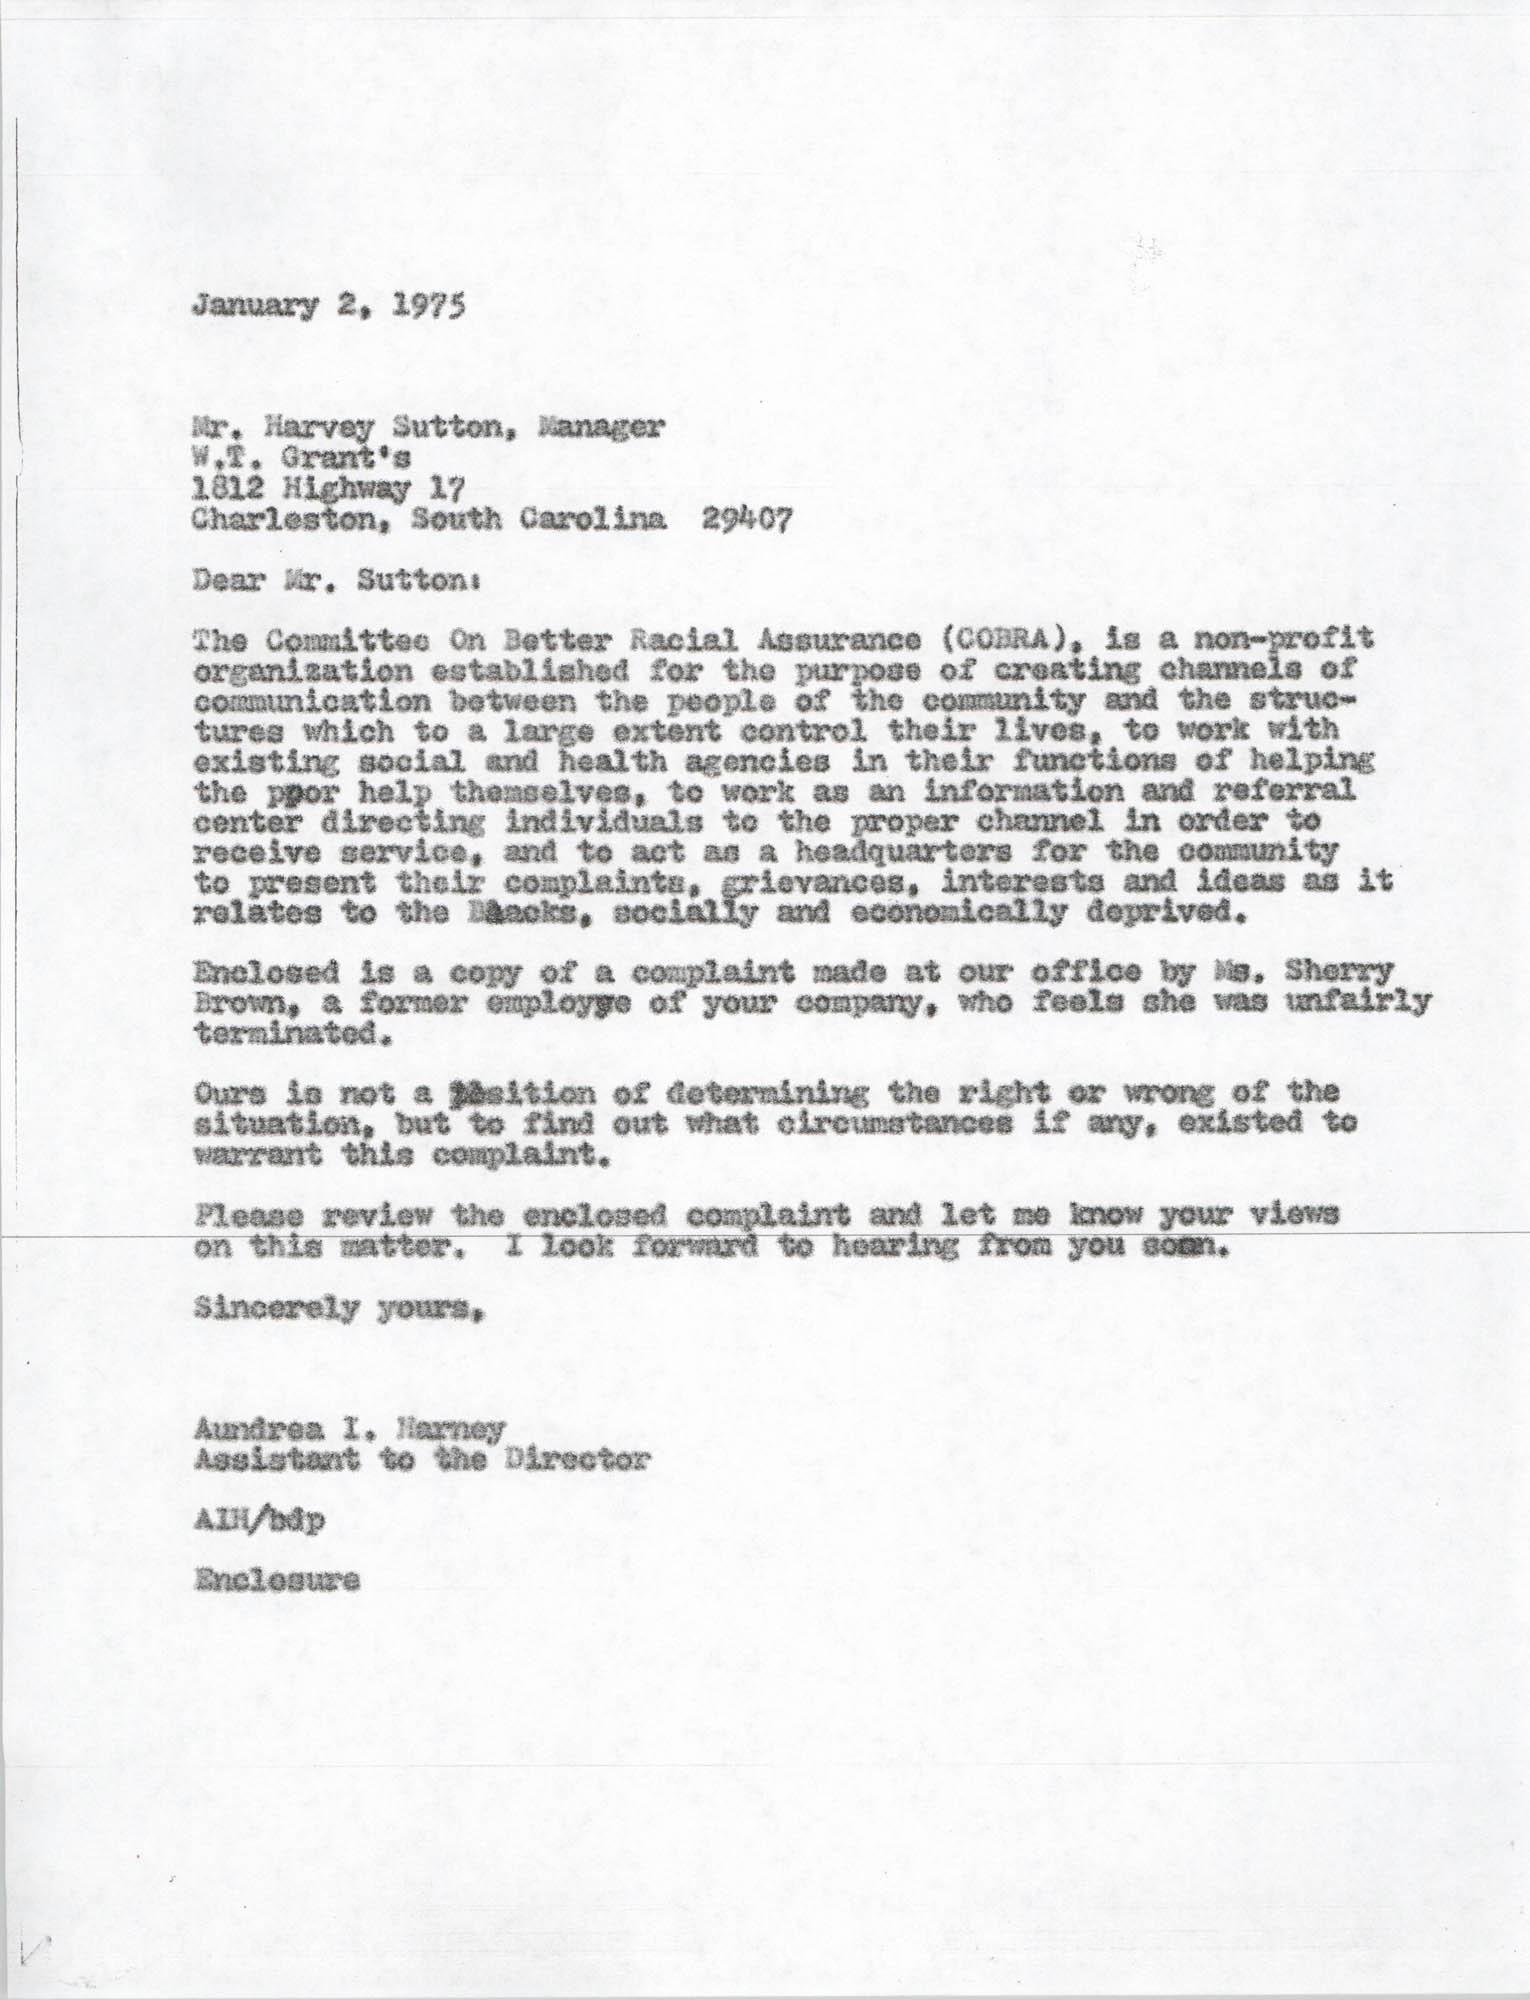 Letter from Aundrea I. Harvey to Harvey Sutton, January 2, 1975